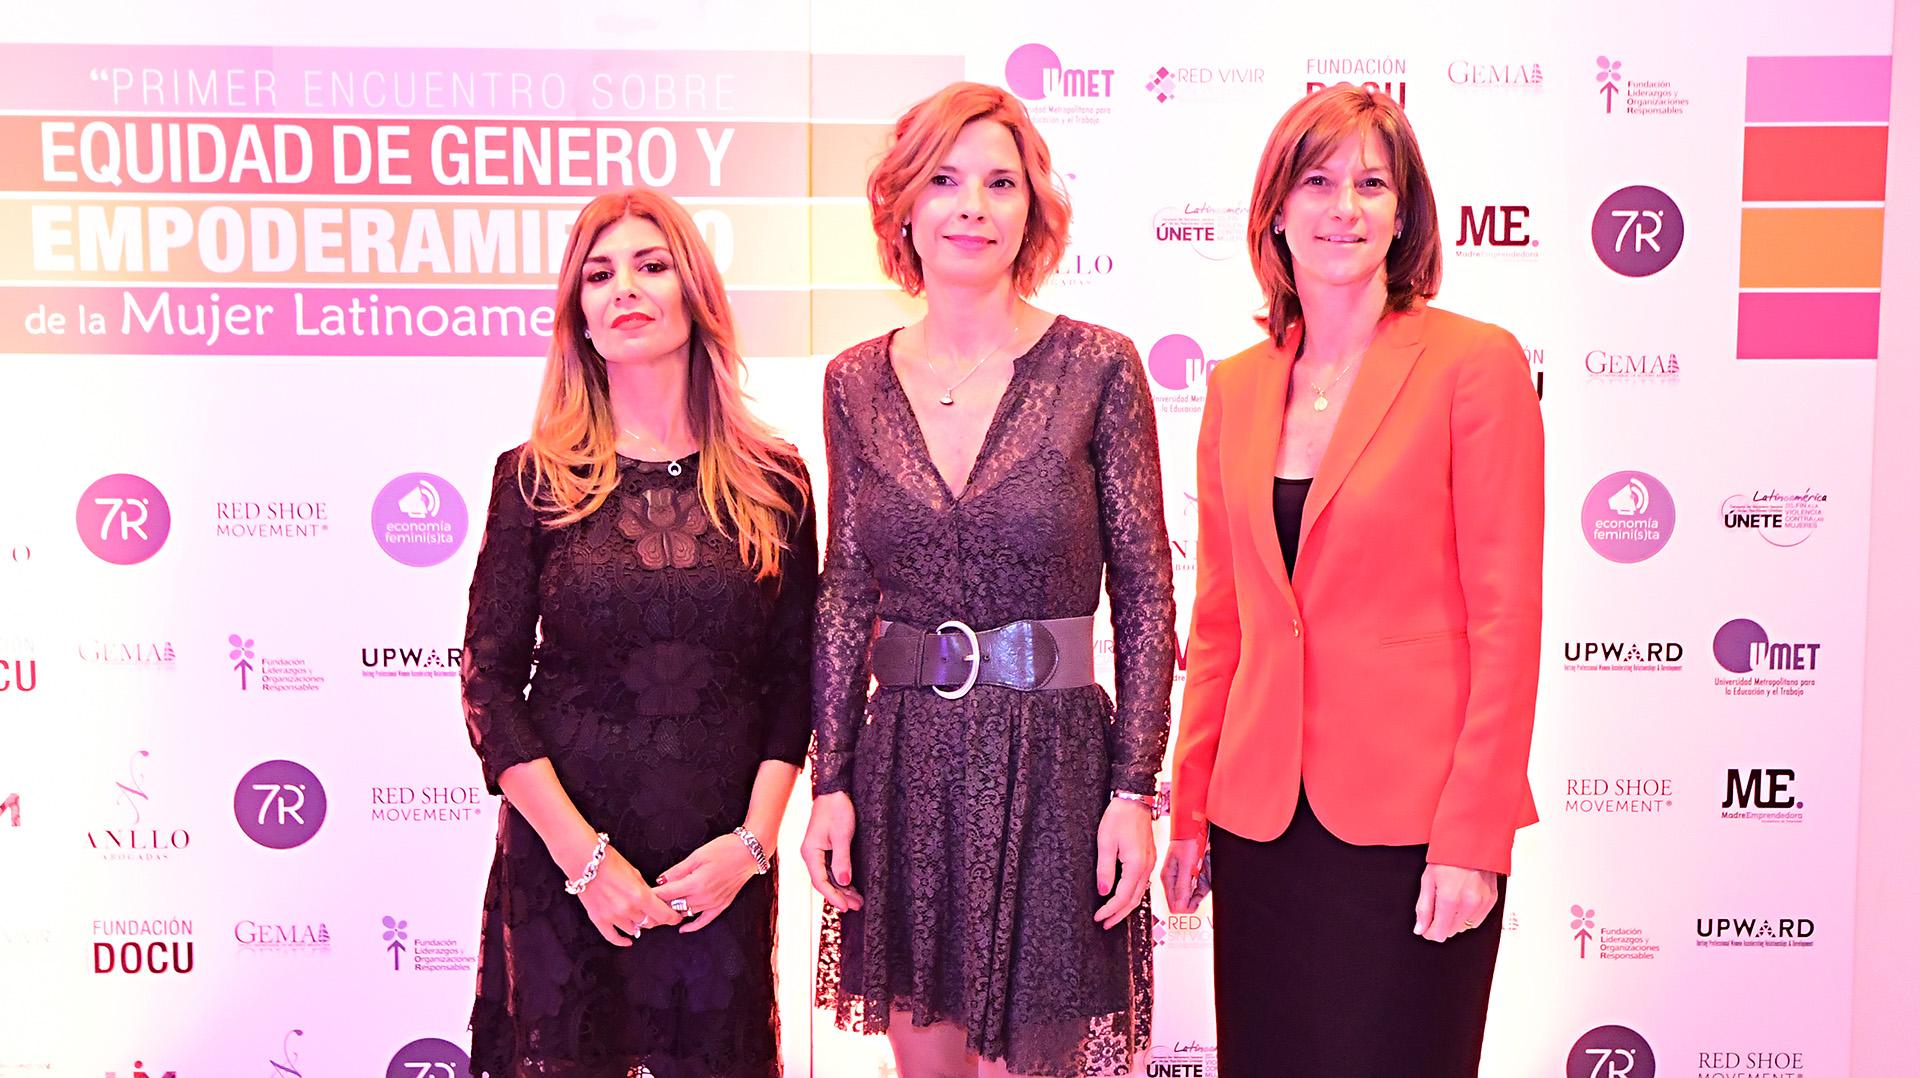 Lina Anllo, Mariana Carabajal y María José Gómez